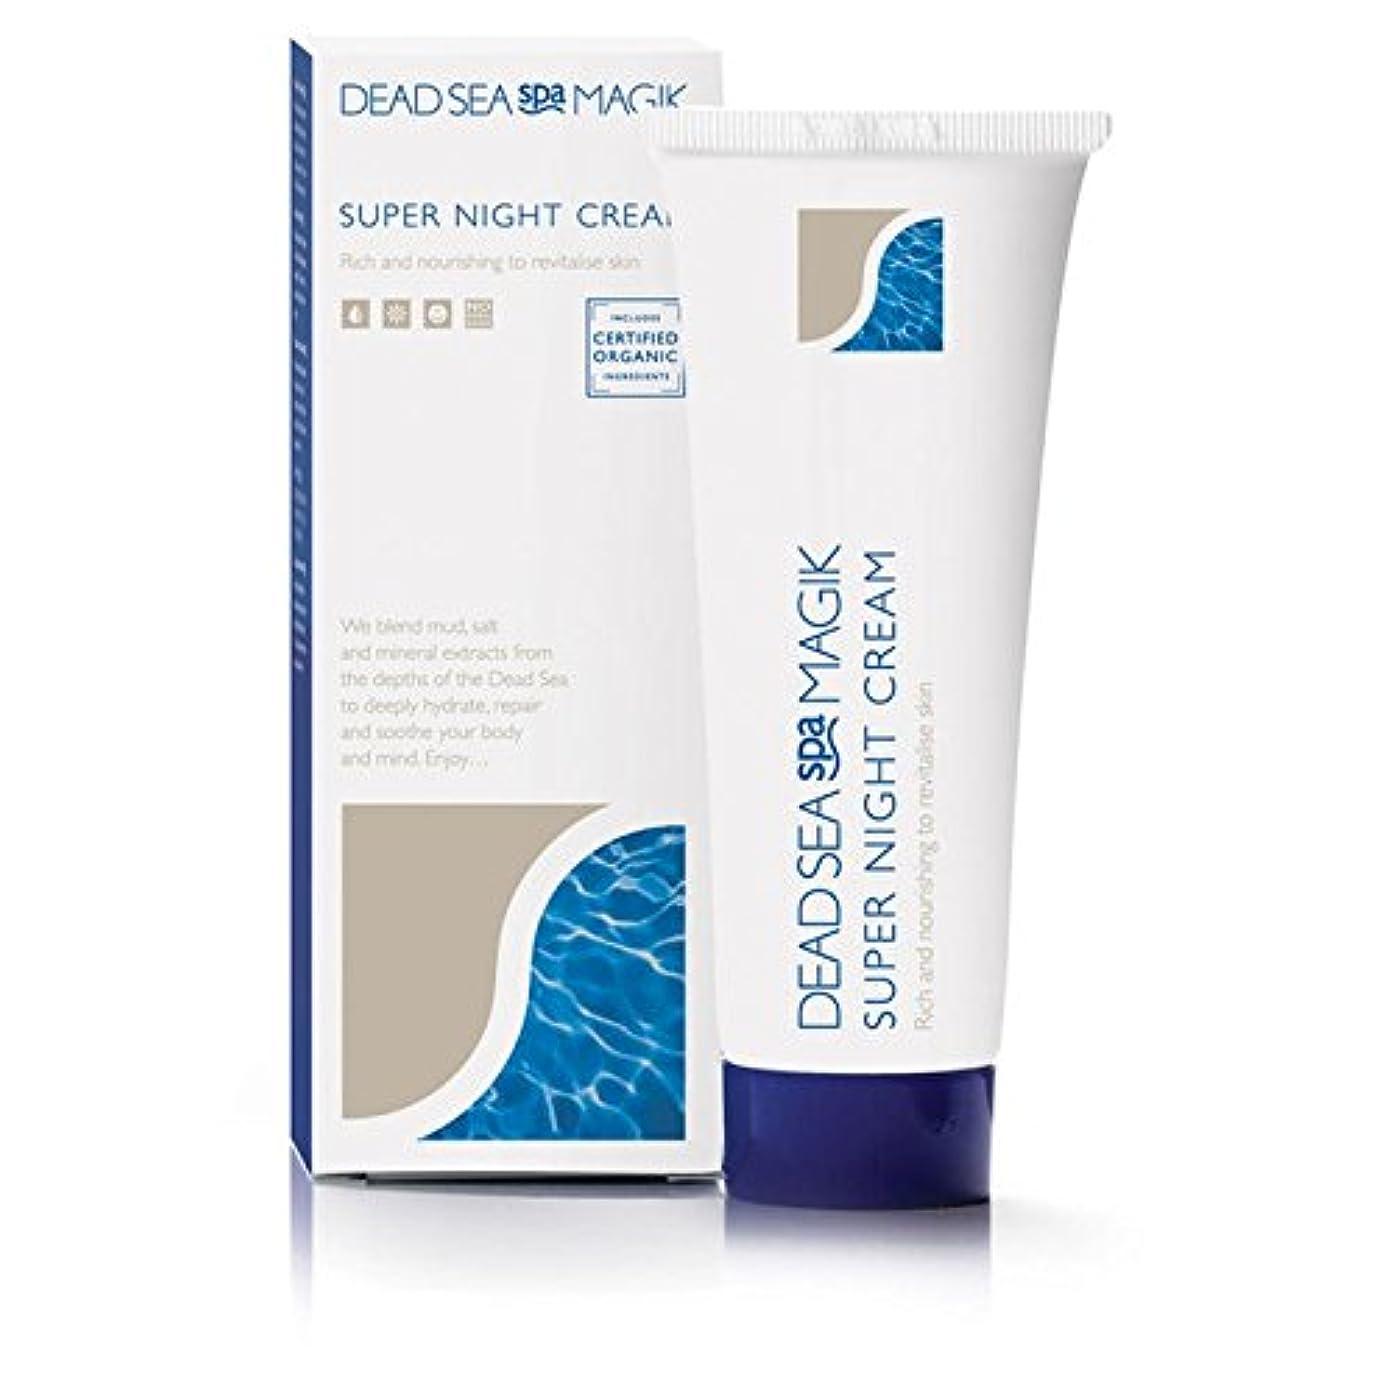 風邪をひく参照担保死海スパマジックスーパーナイトクリーム75ミリリットル x2 - Dead Sea Spa Magik Super Night Cream 75ml (Pack of 2) [並行輸入品]